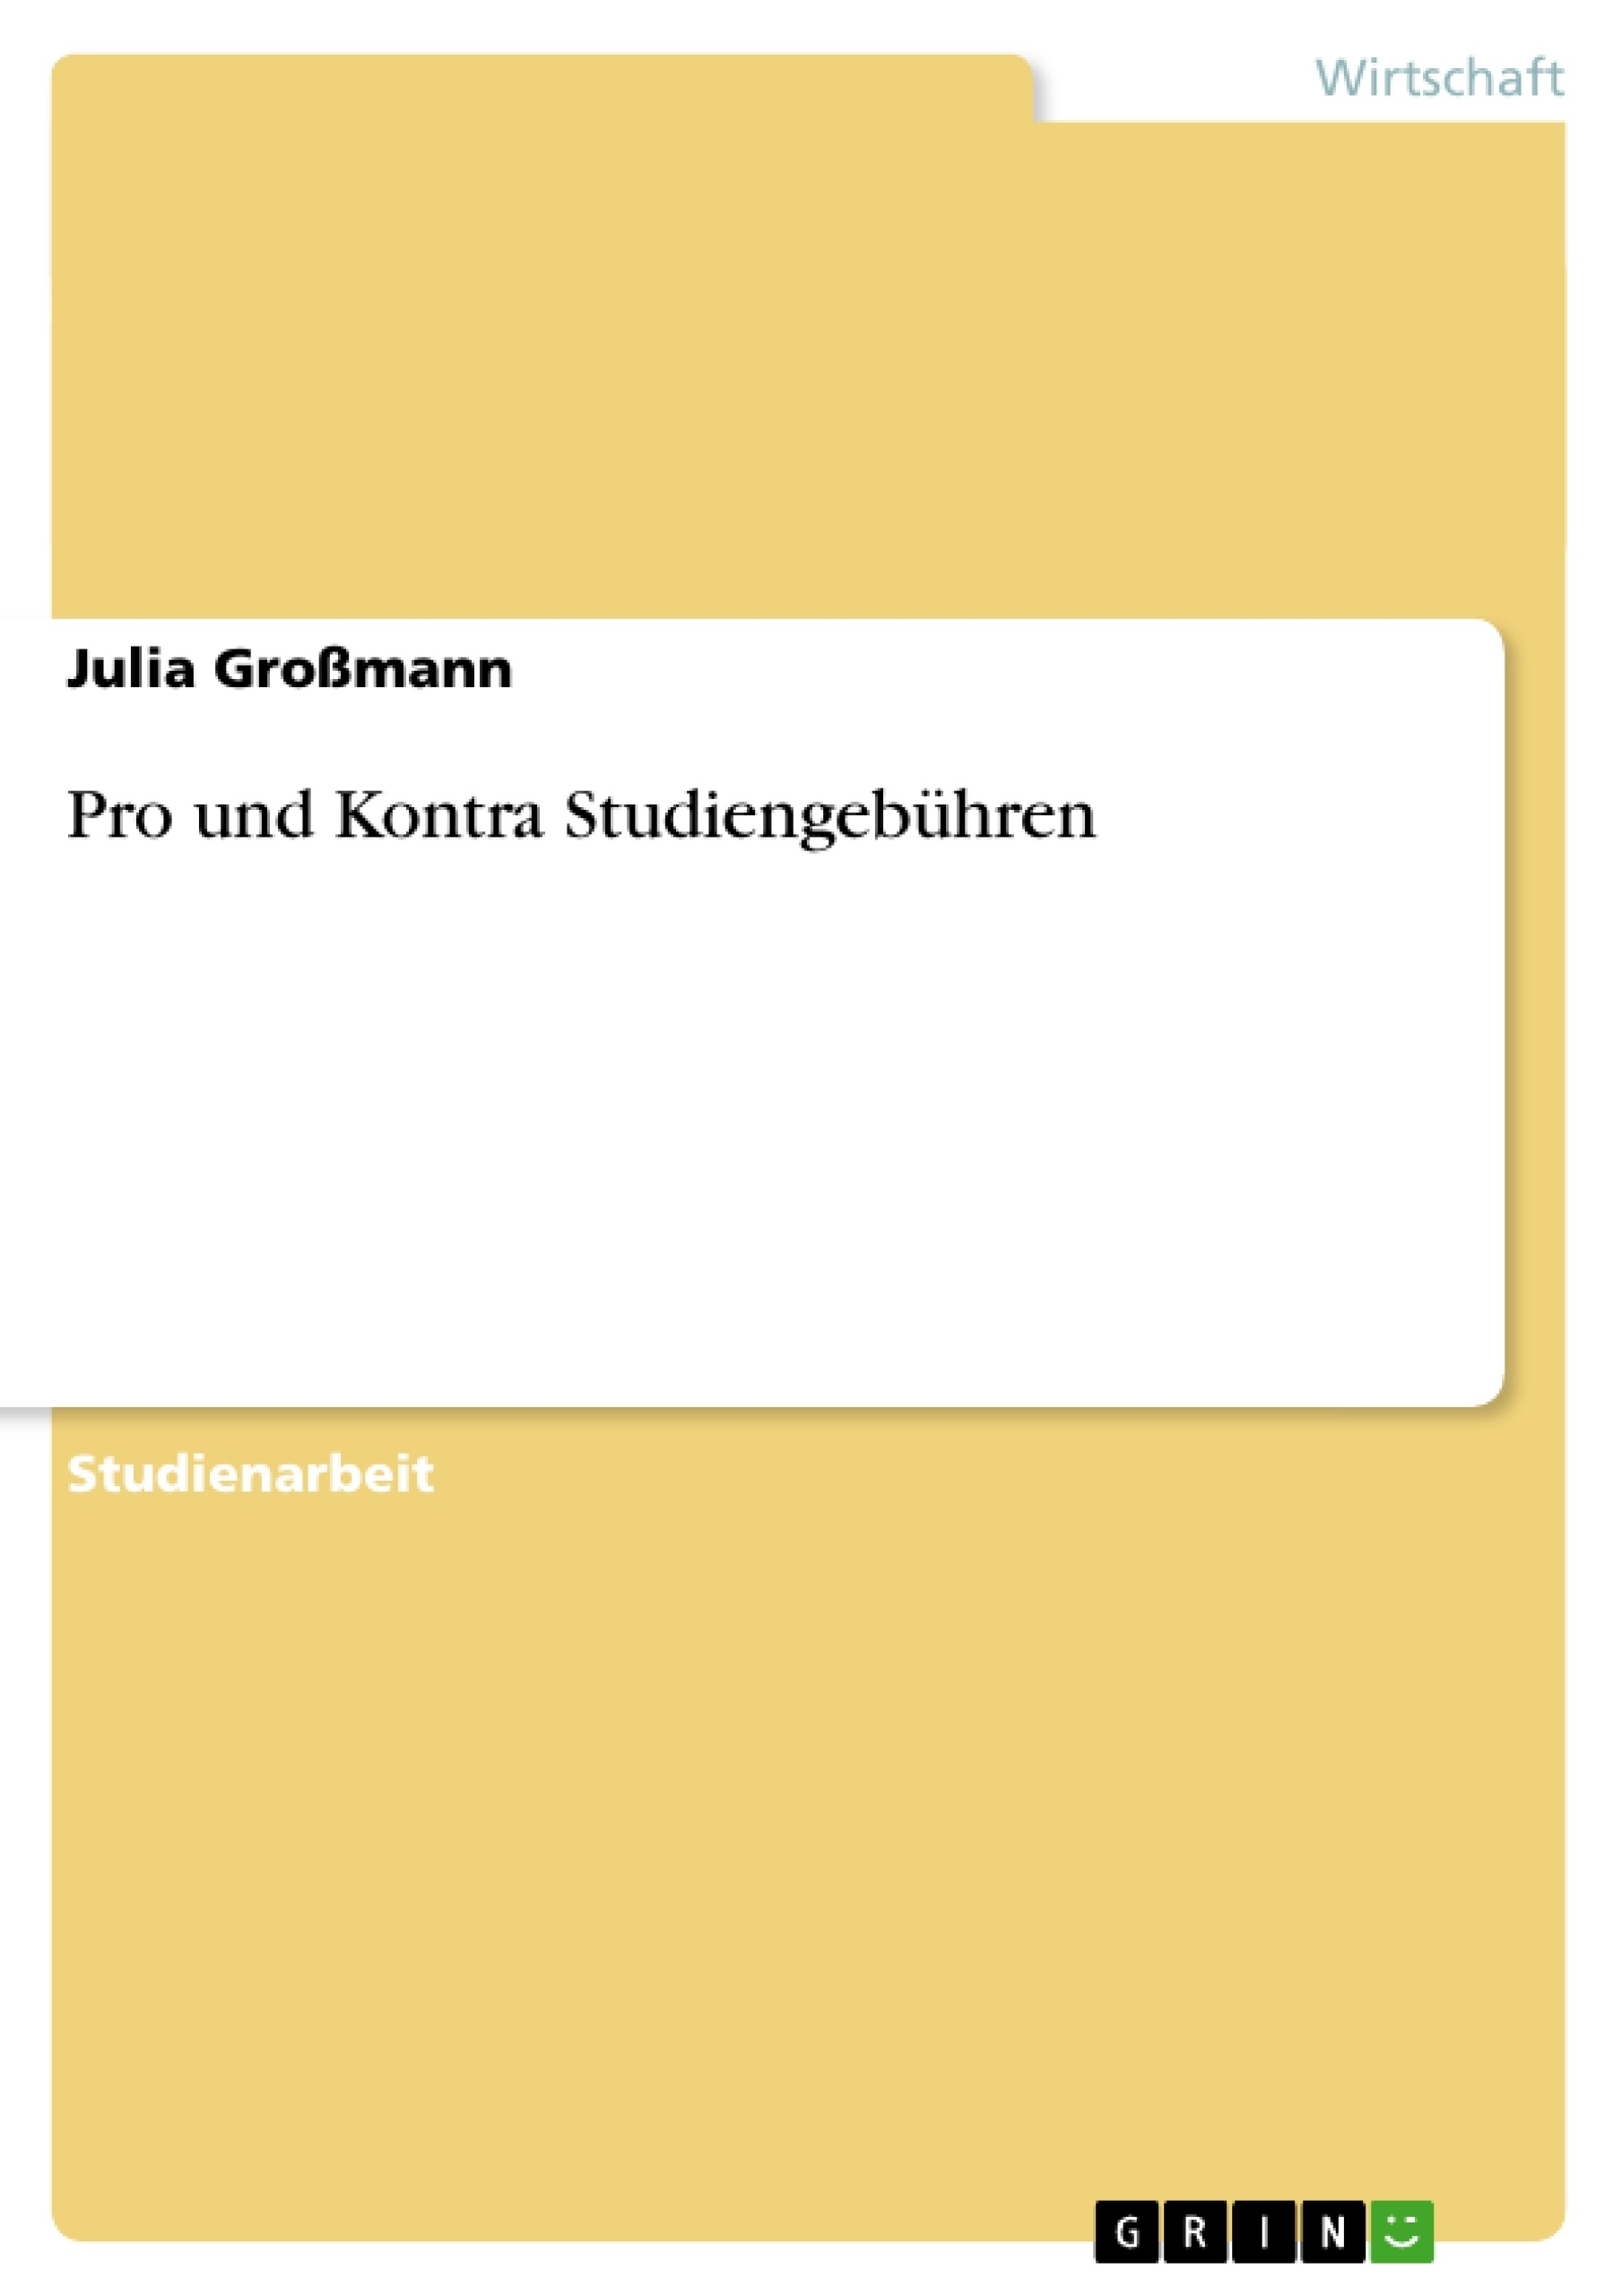 Titel: Pro und Kontra Studiengebühren